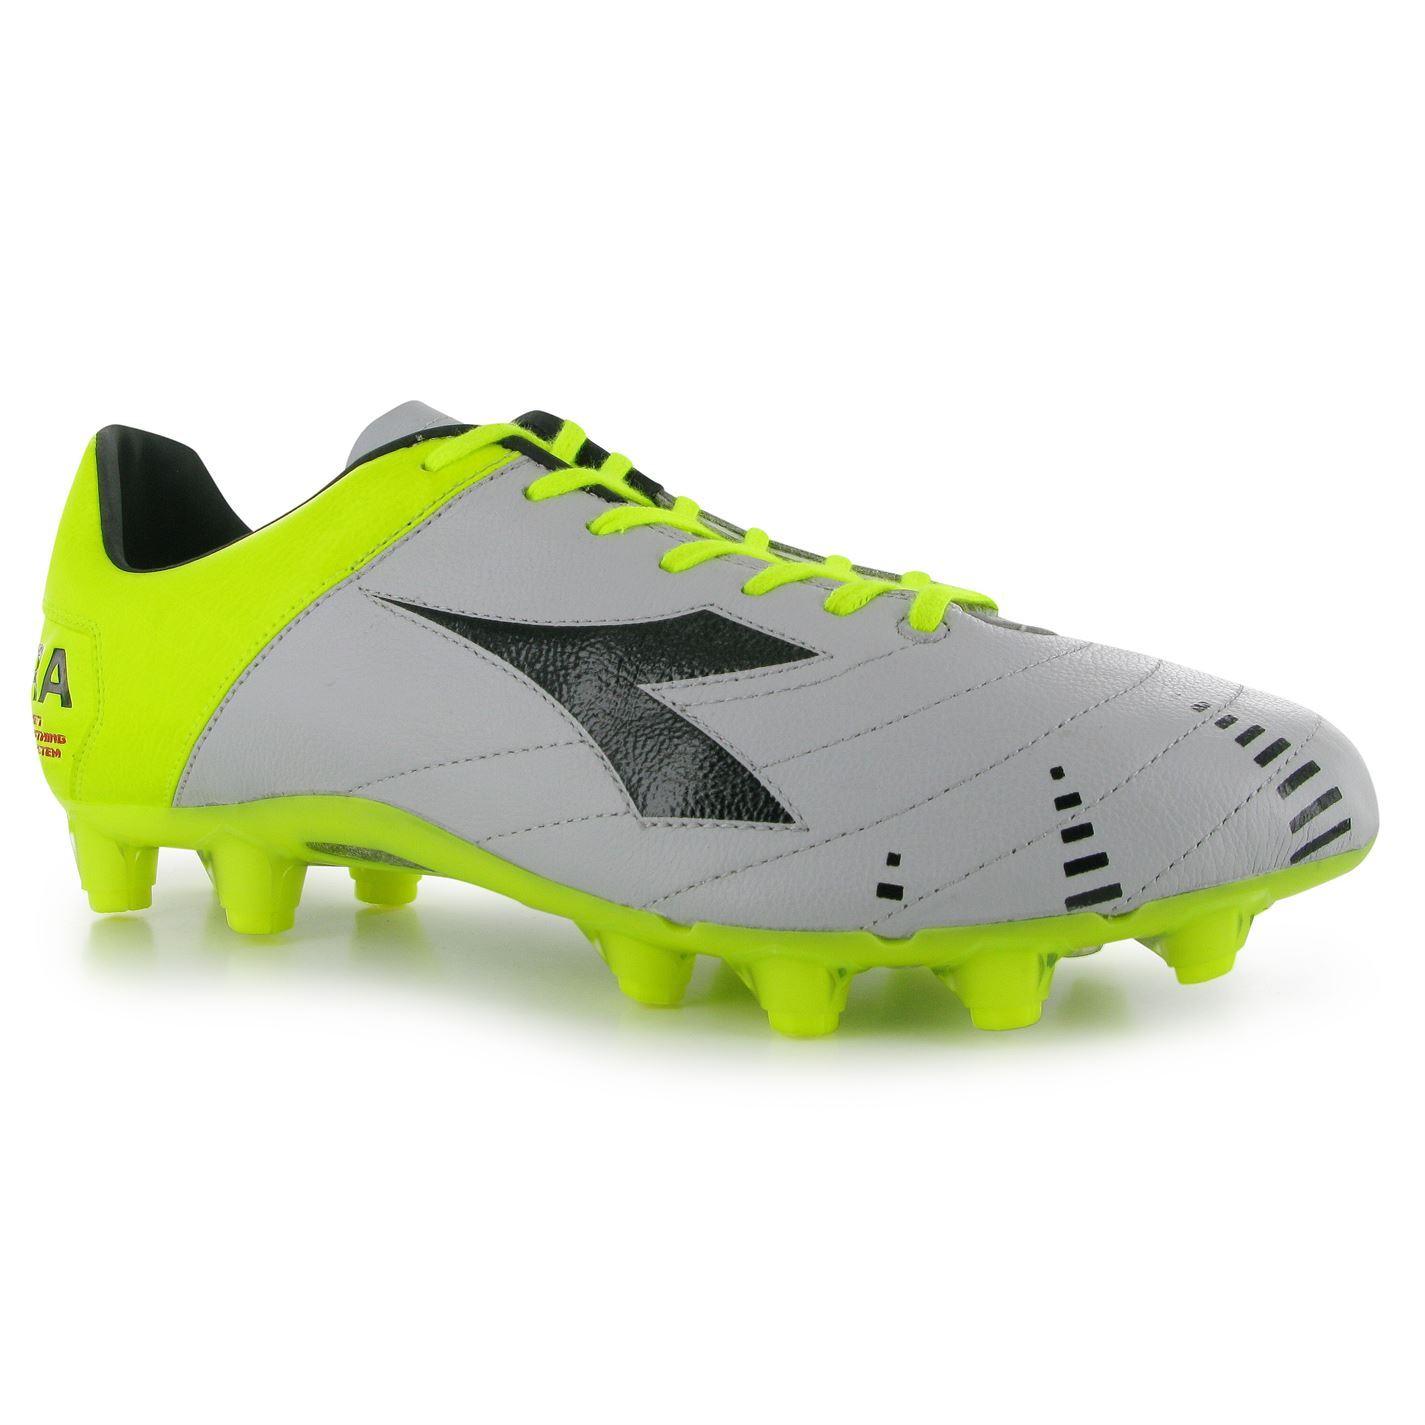 diadora football boots - photo #39